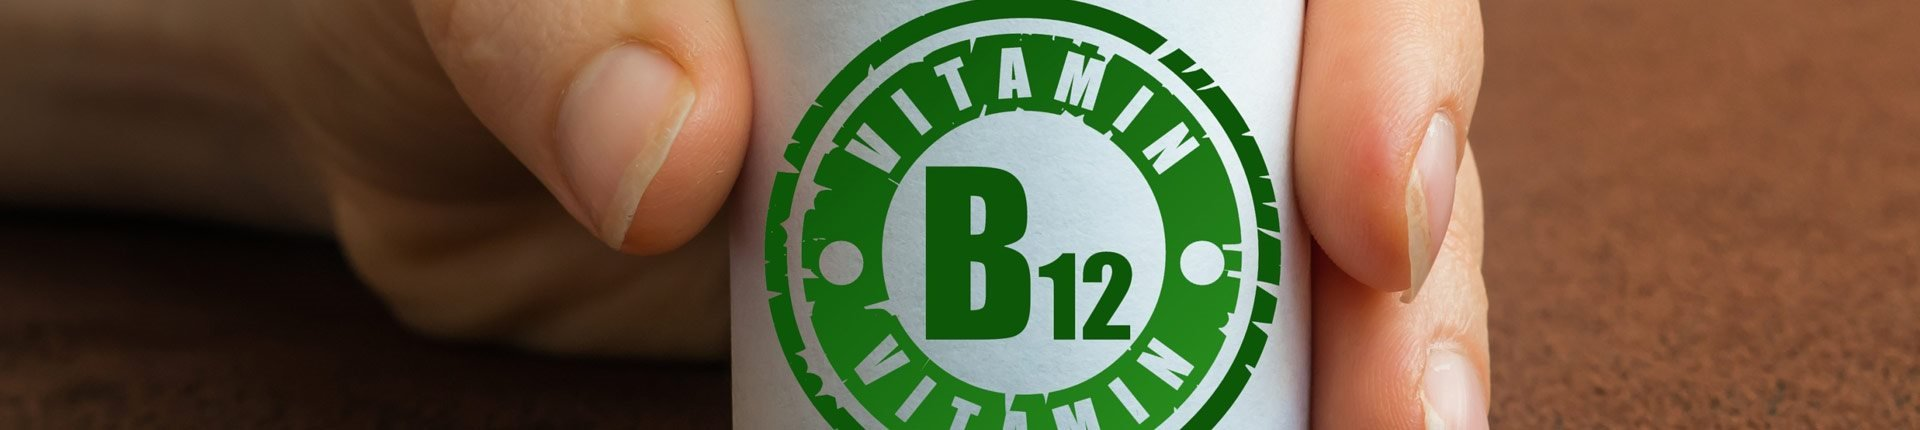 Ile trwa uzupełnienie witaminy B12?